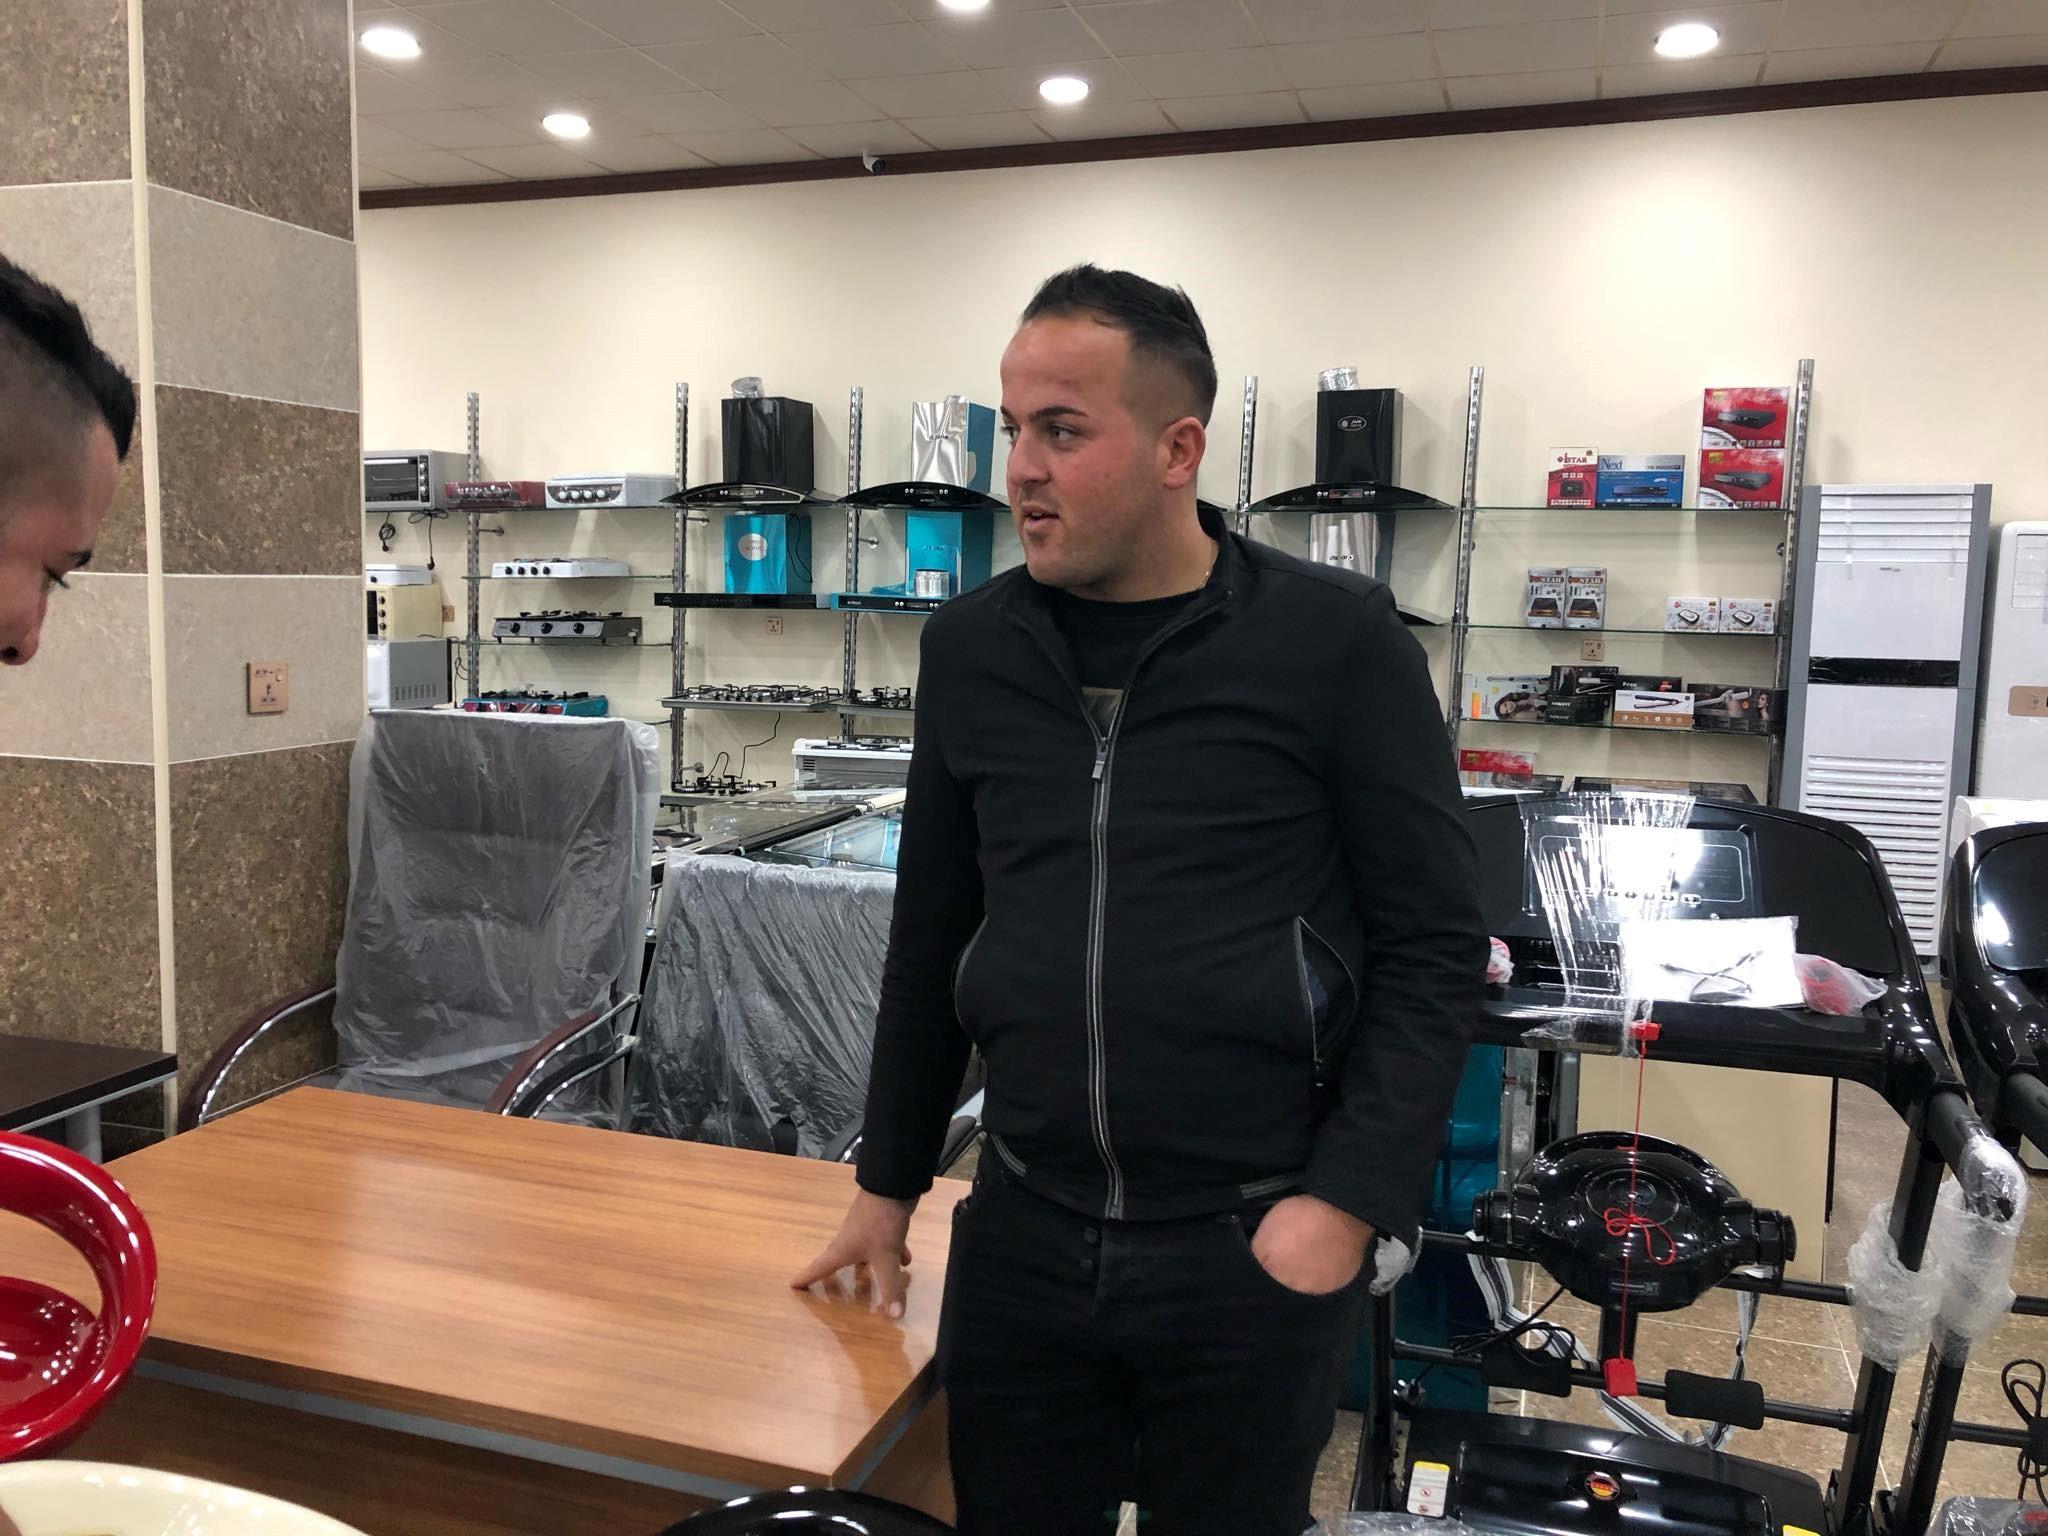 Jeevon, propriétaire du premier café à Batnaya après Daech